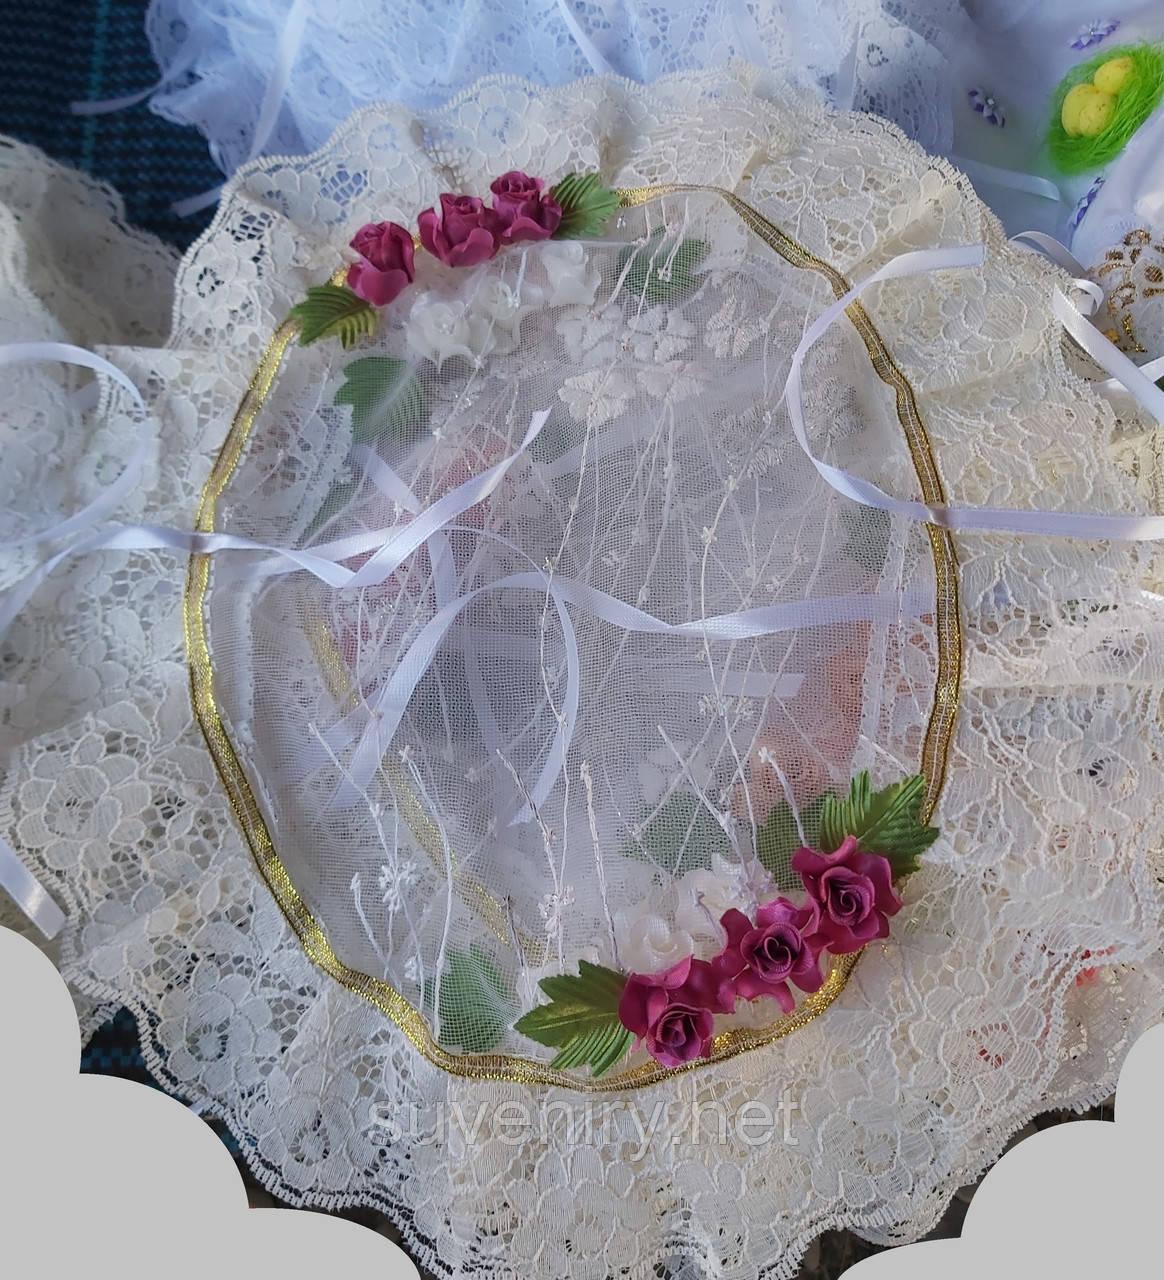 Красивая нарядная пасхальная салфетка на детскую корзинку в бежевом цвете